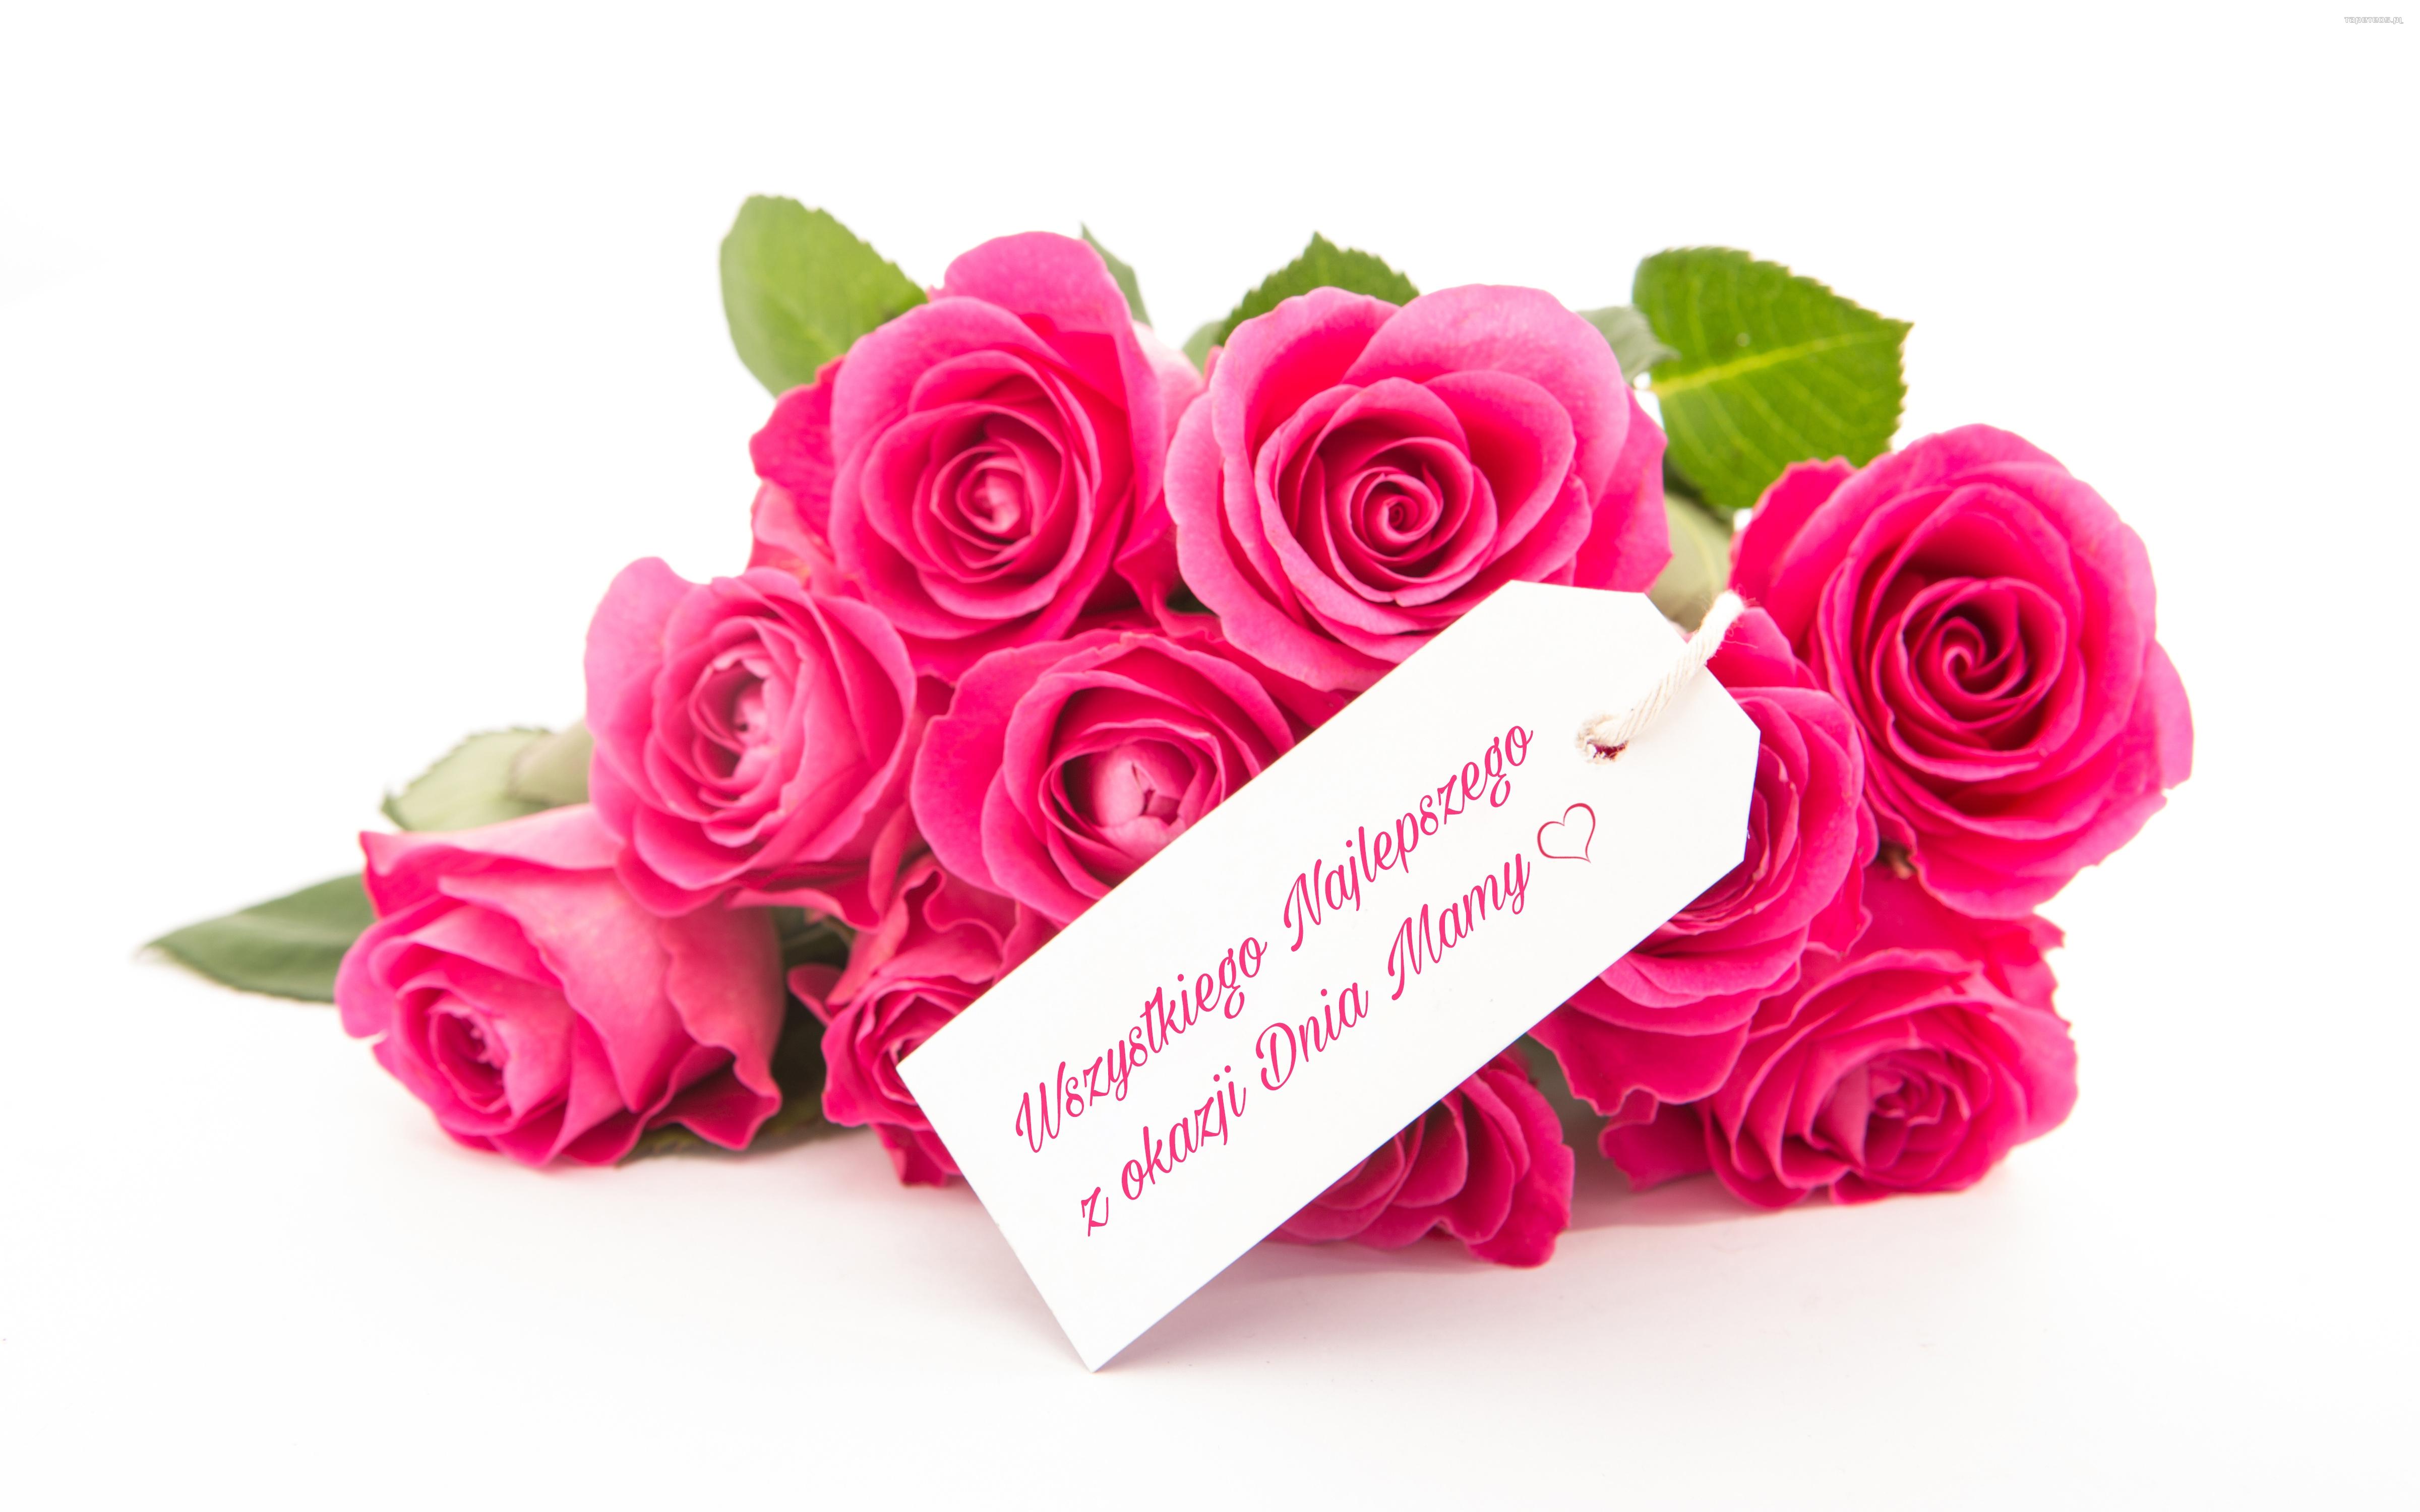 Dzien Matki 049 Kwiaty, Roze, Wszystkiego Najlepszego z okazji Dnia Mamy